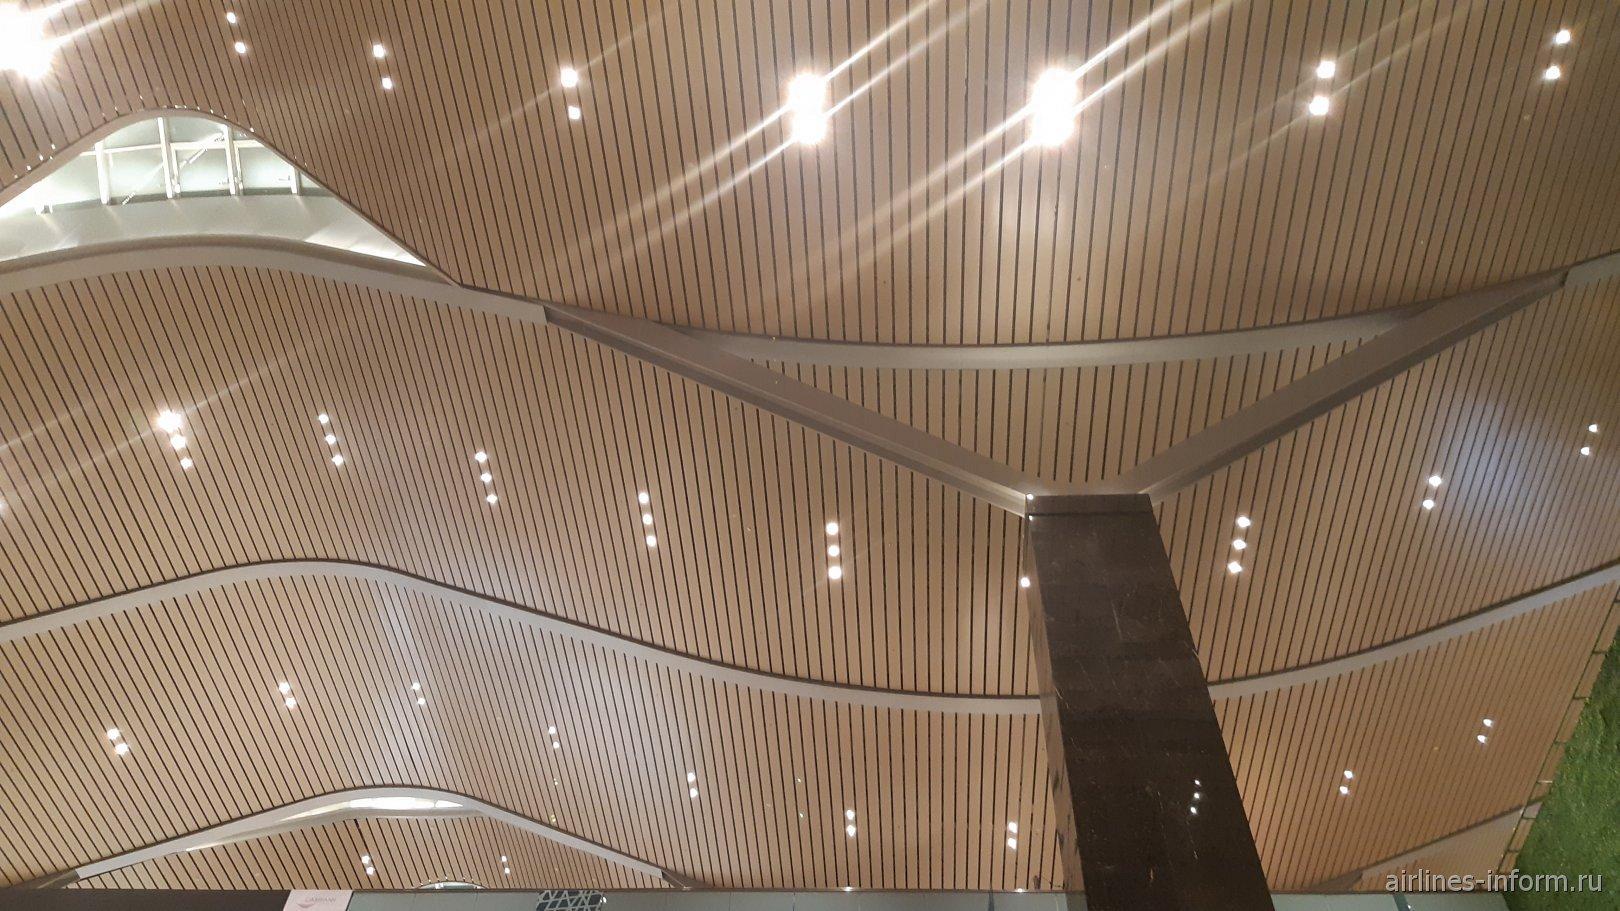 Потолок в новом пассажирском терминале аэропорта Камрань